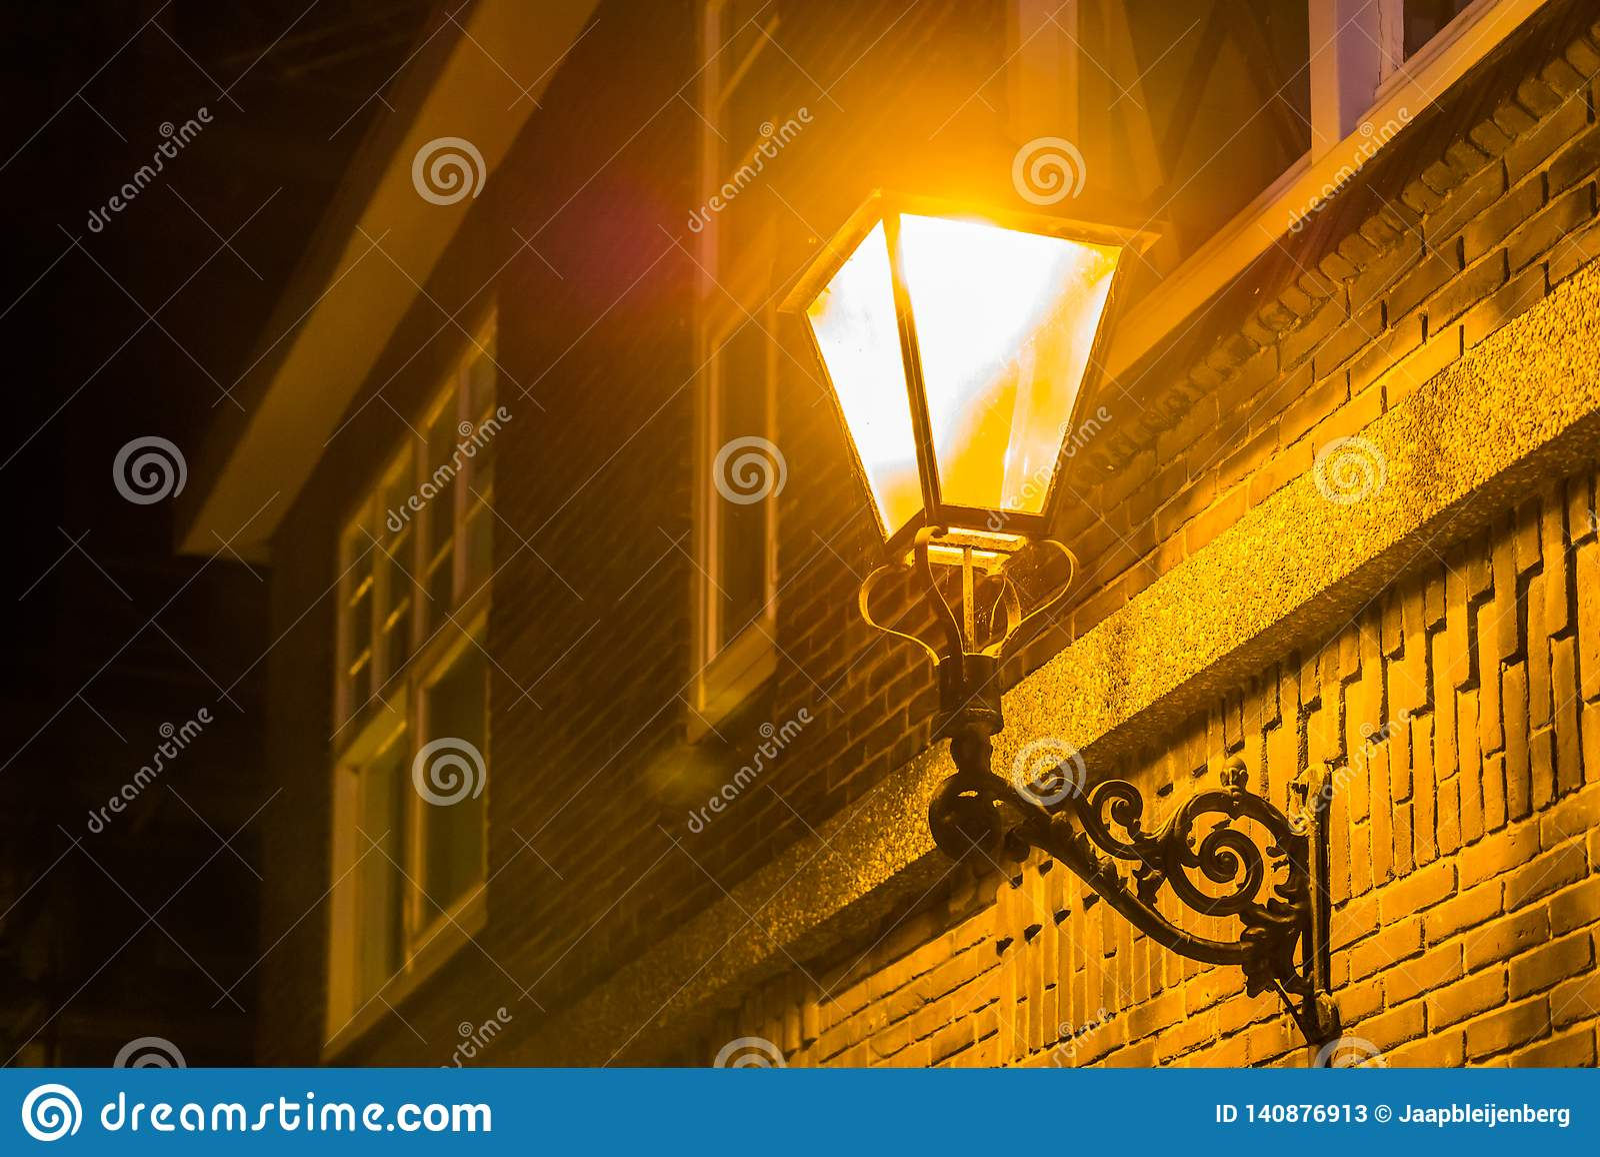 Aangestoken straatlantaarn op de muur van een huis bij nacht, stadslandschap in de avond, uitstekende decoratie